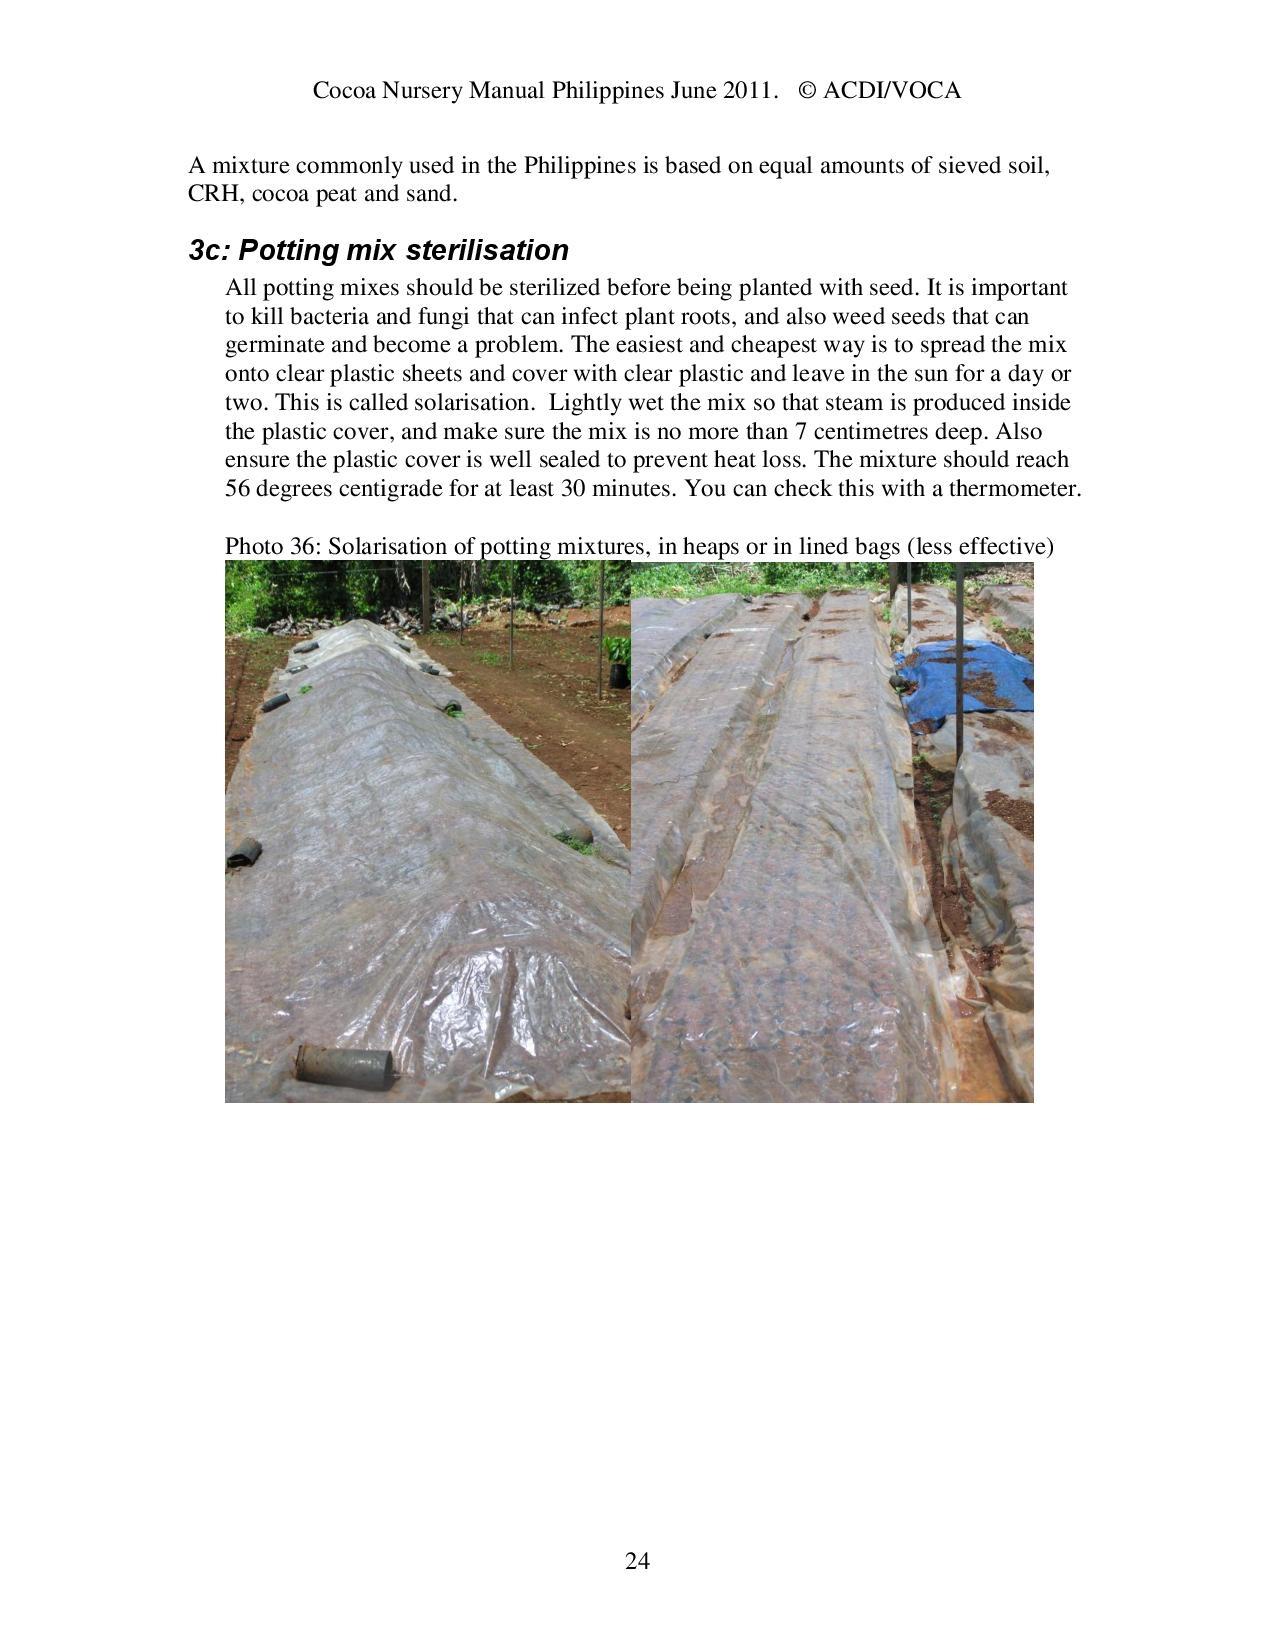 Cocoa-Nursery-Manual-2011_acdi-voca-page-024